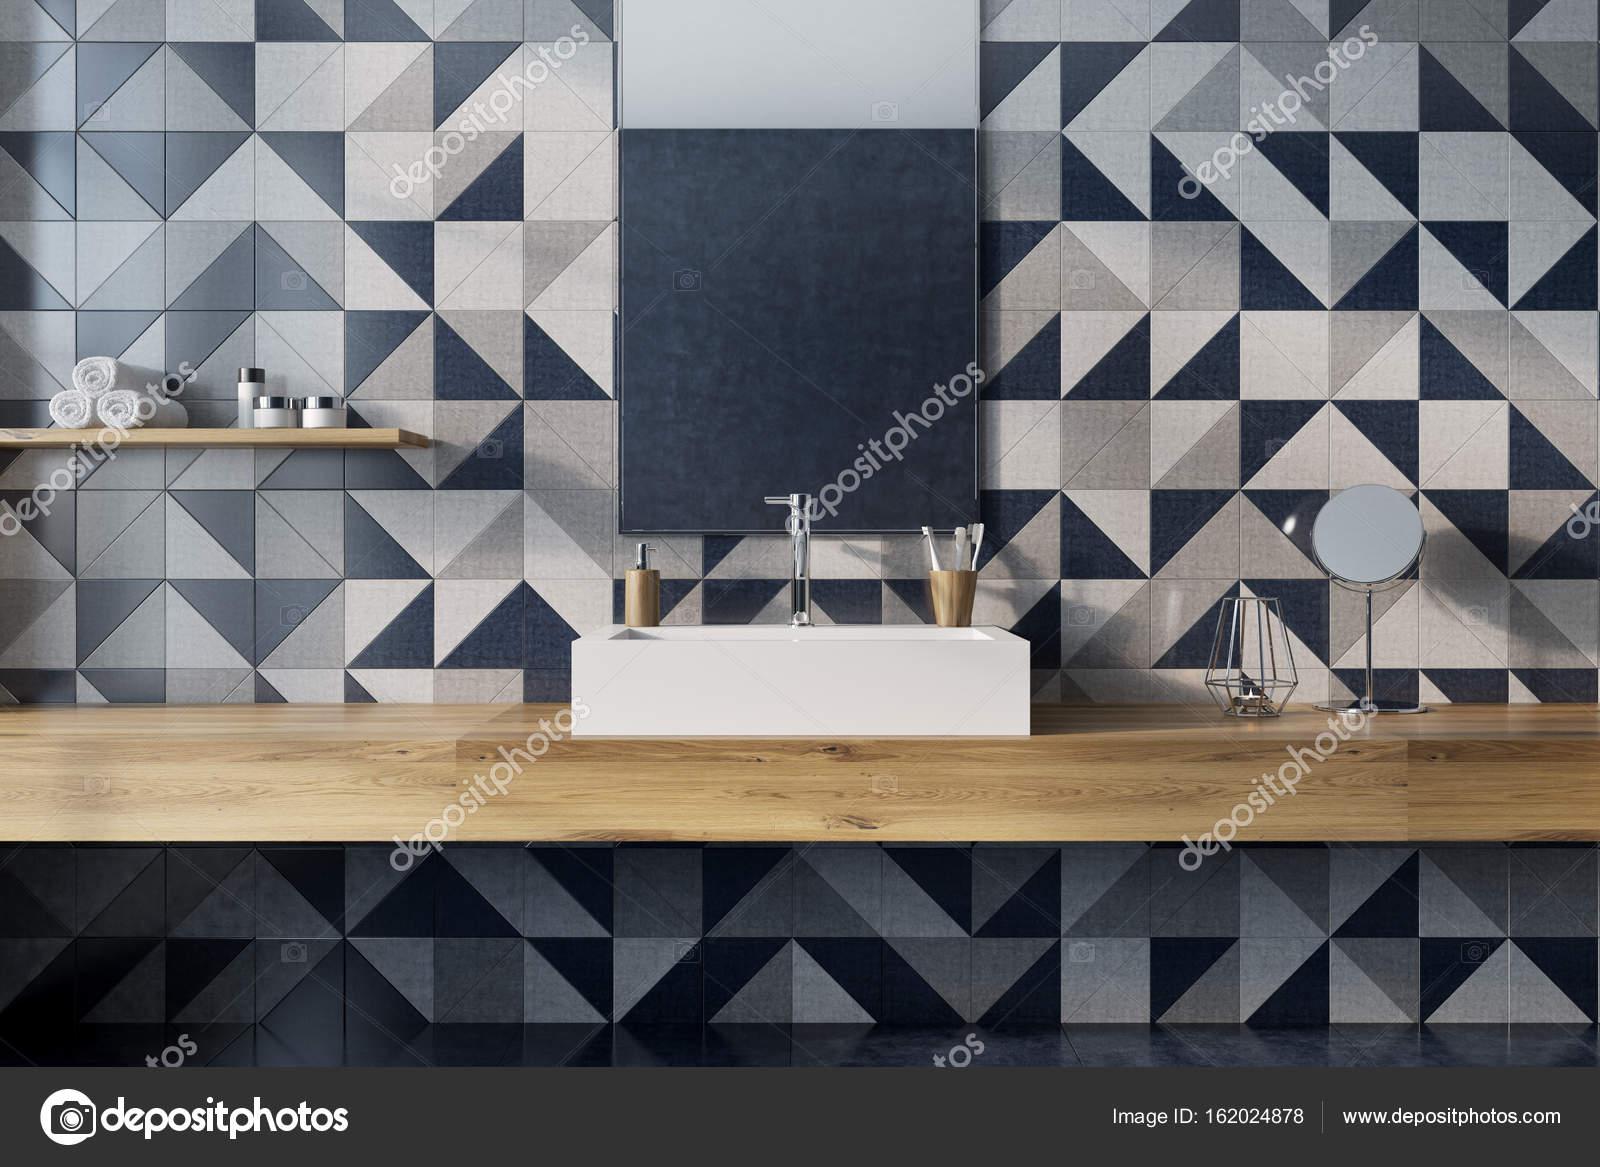 Bagno Legno E Mosaico : Lusso bagno interni mosaico muro legno u2014 foto stock